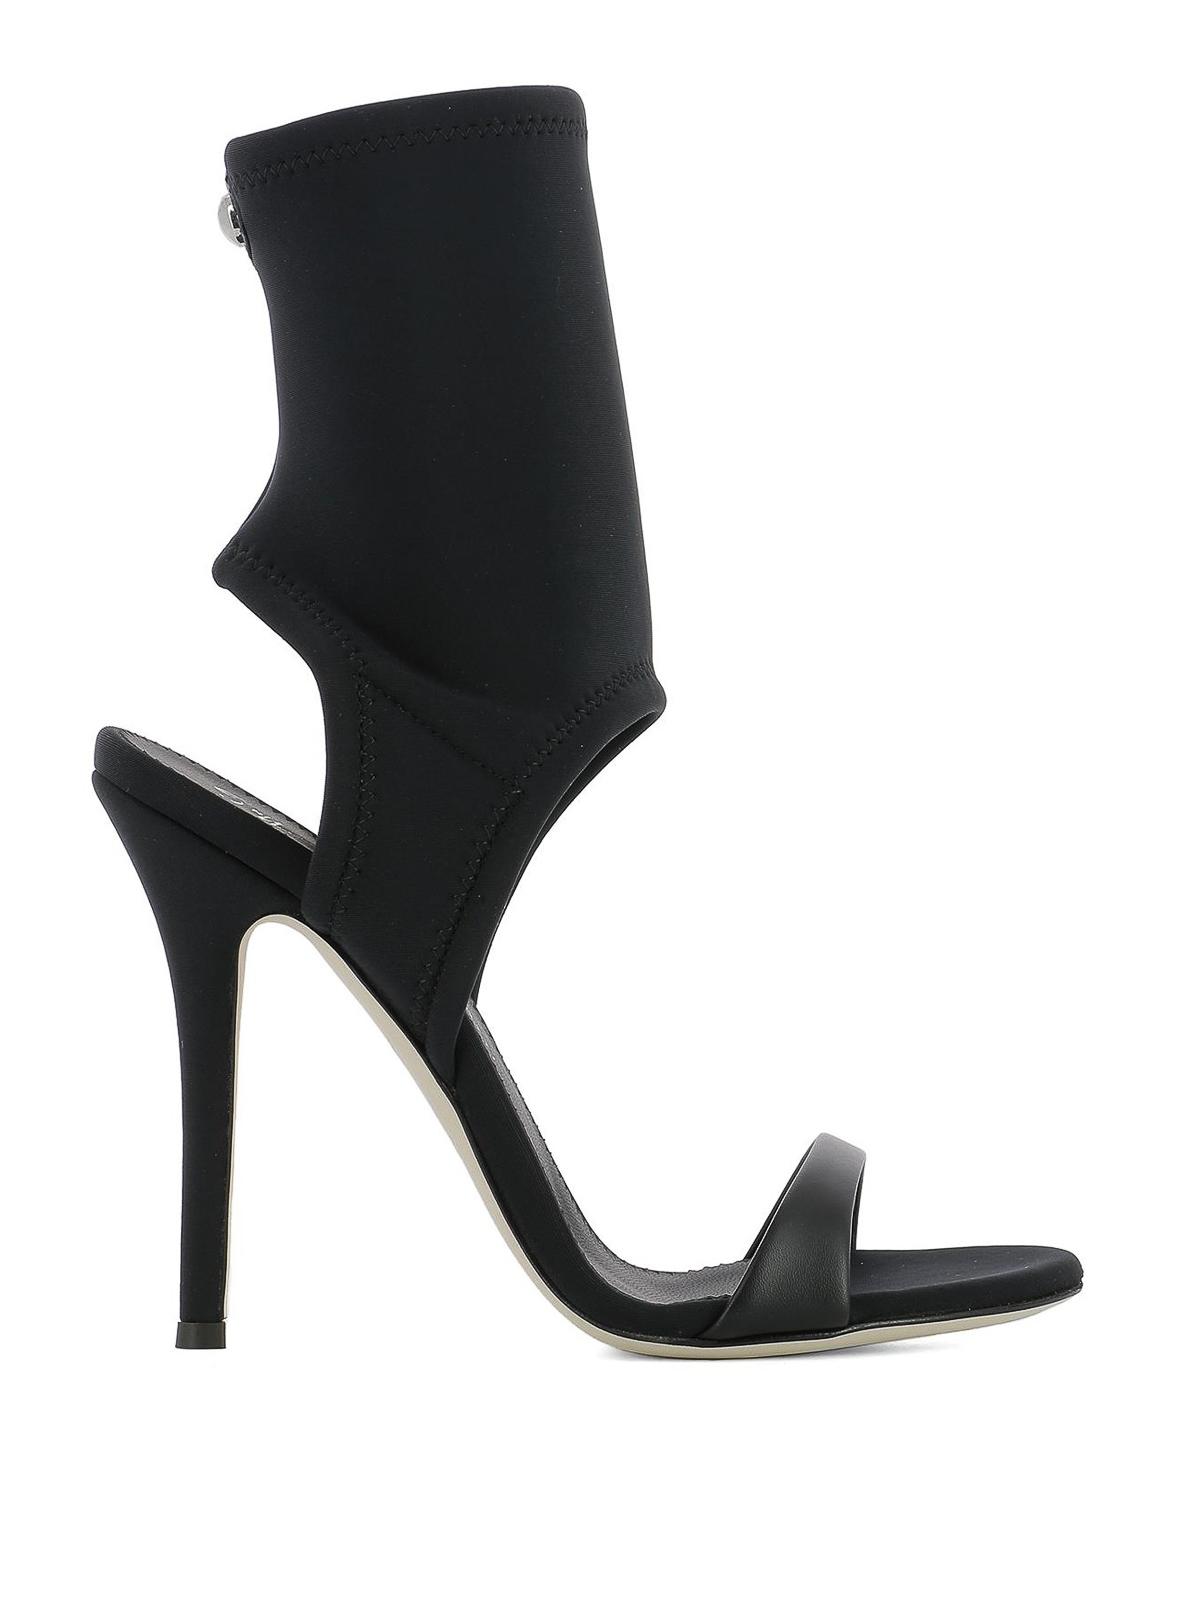 Agnes neoprene sandals - Black Giuseppe Zanotti bBQl7eV4